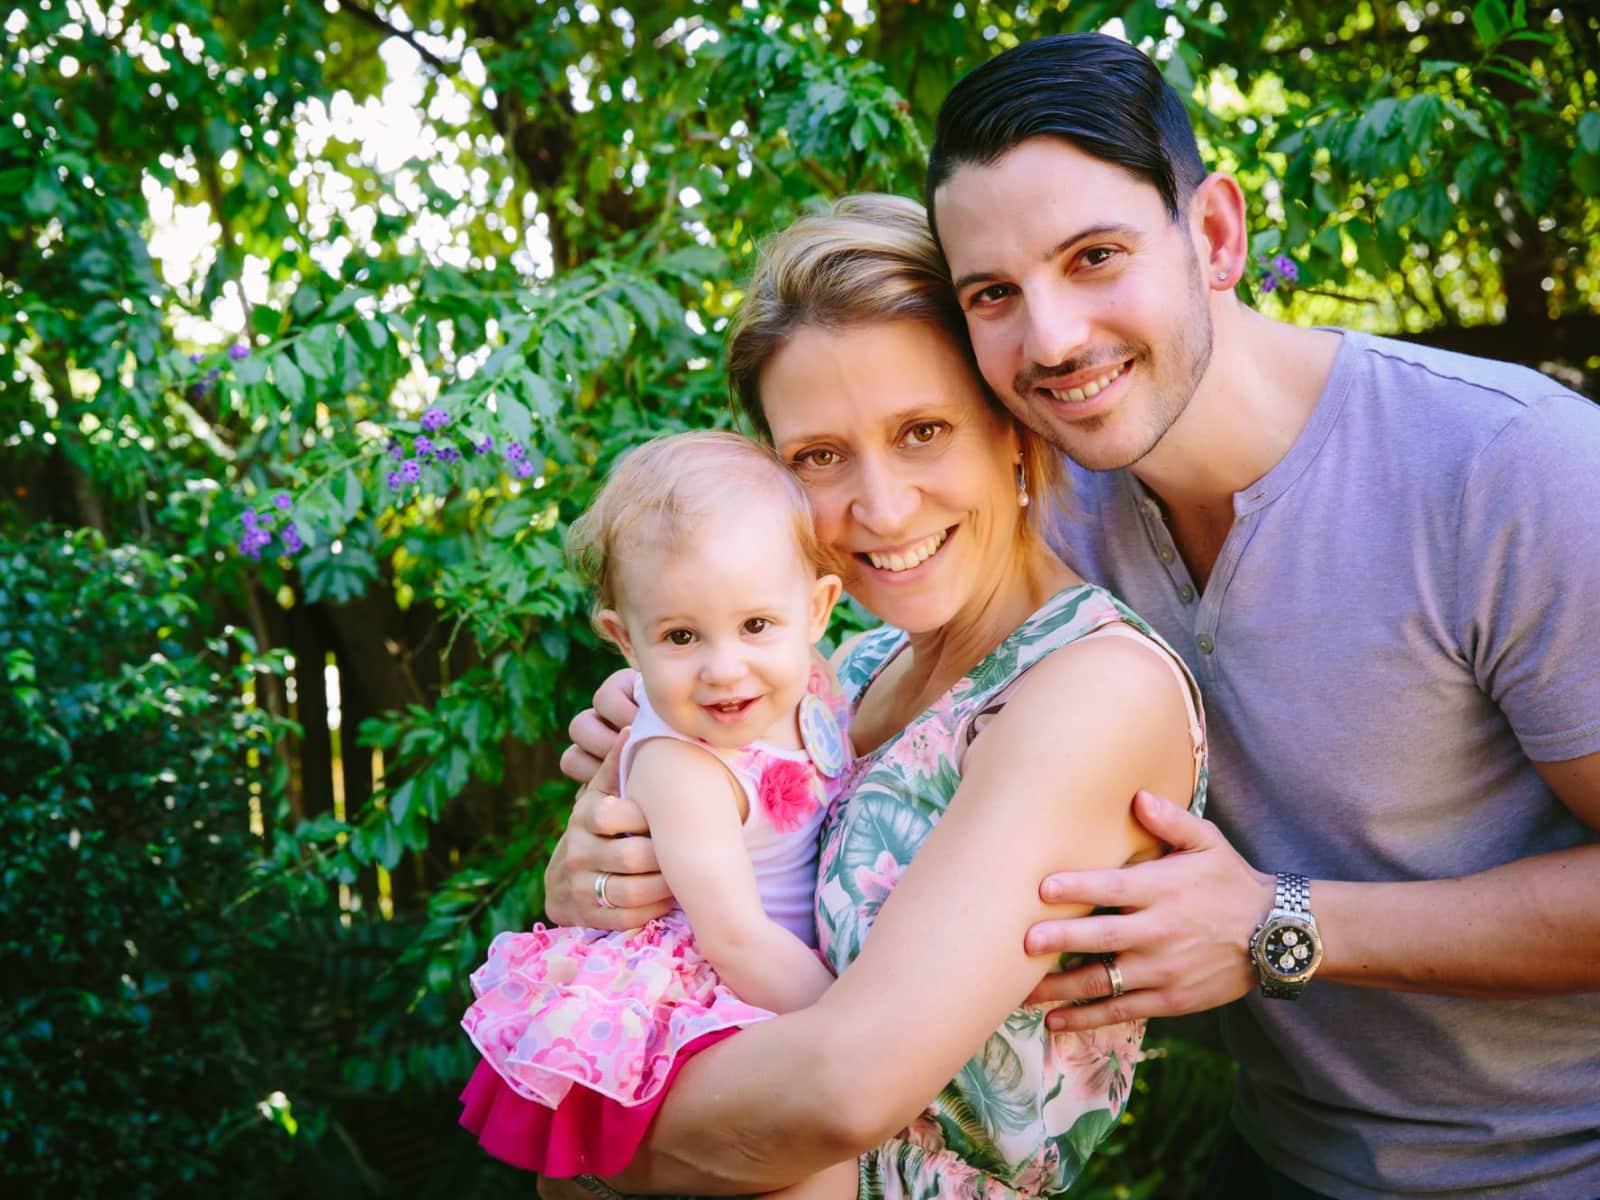 Rhyll & Steven from Brisbane, Queensland, Australia